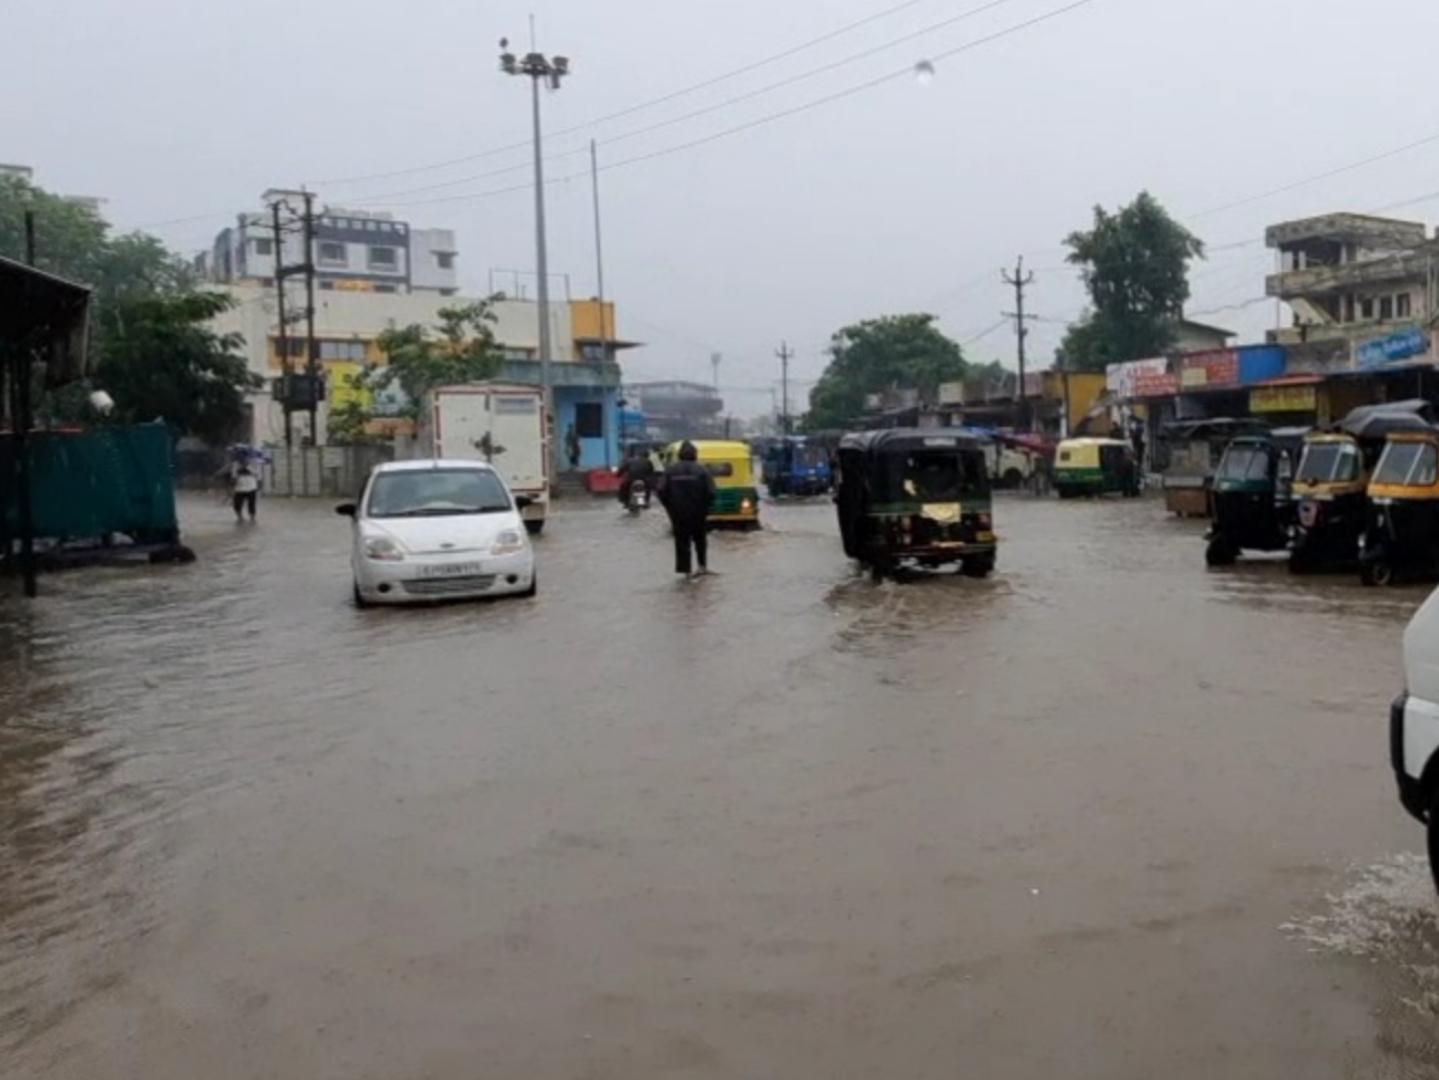 નવસારી શહેર અને જિલ્લામાં સતત બીજા દિવસે વરસાદ, શહેરમાં નીચાણવાળા વિસ્તારોમાં પાણી ભરાતા જનજીવન પ્રભાવિત|નવસારી,Navsari - Divya Bhaskar